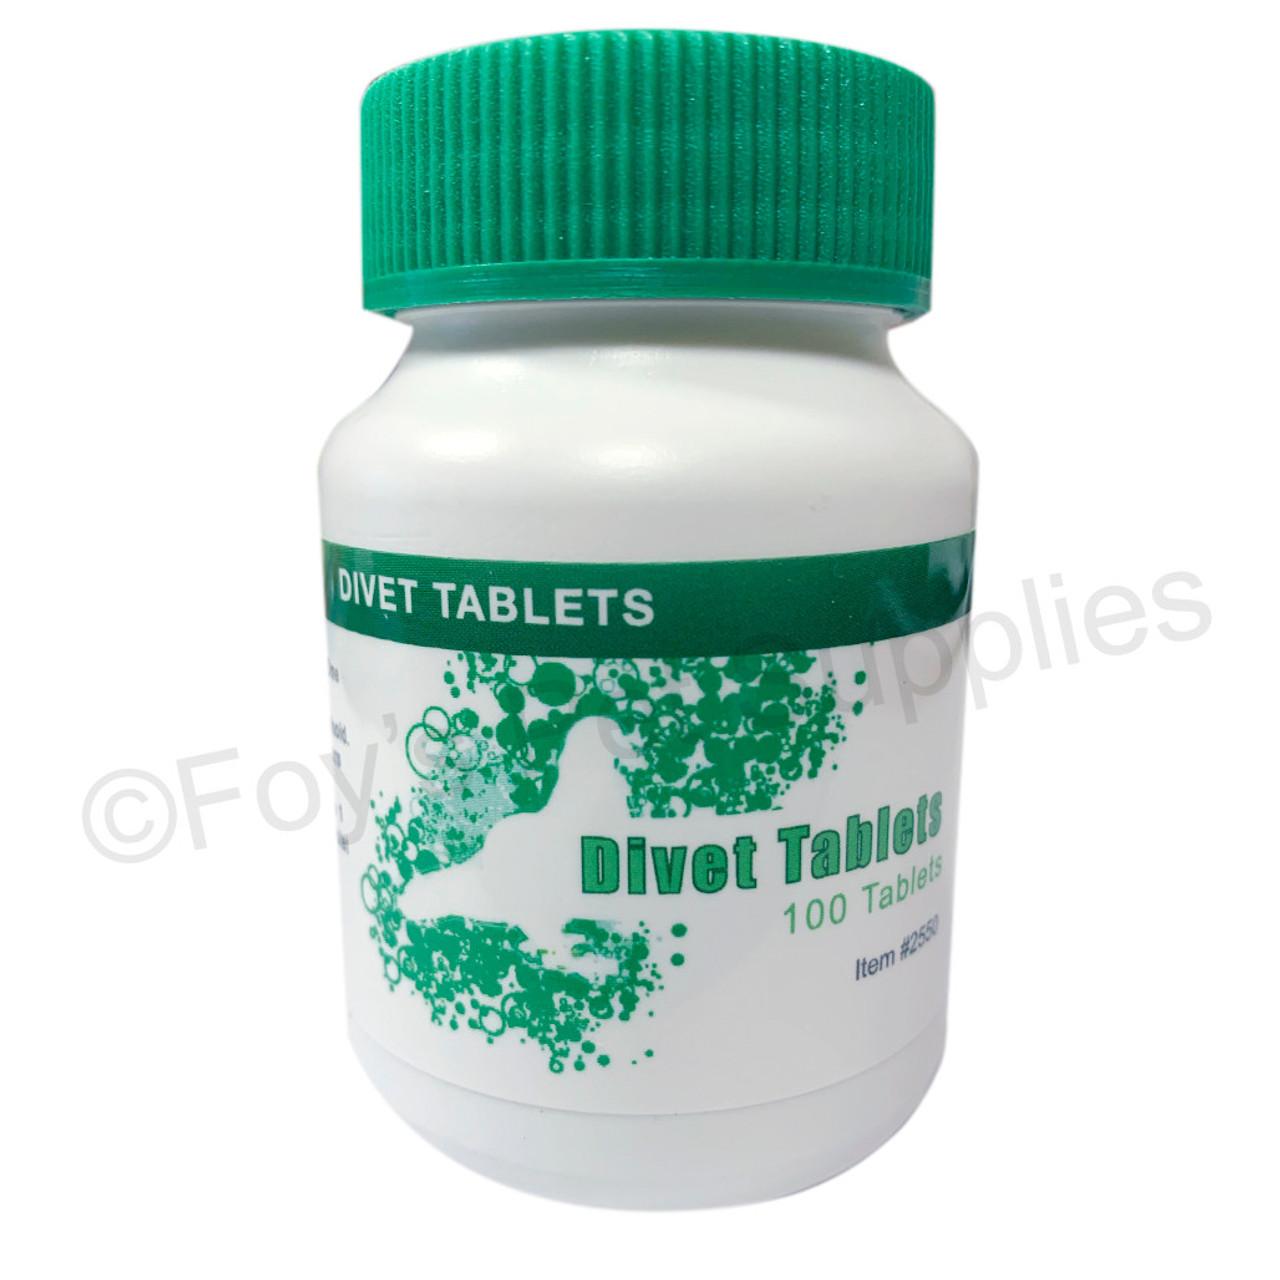 Divet Tablets